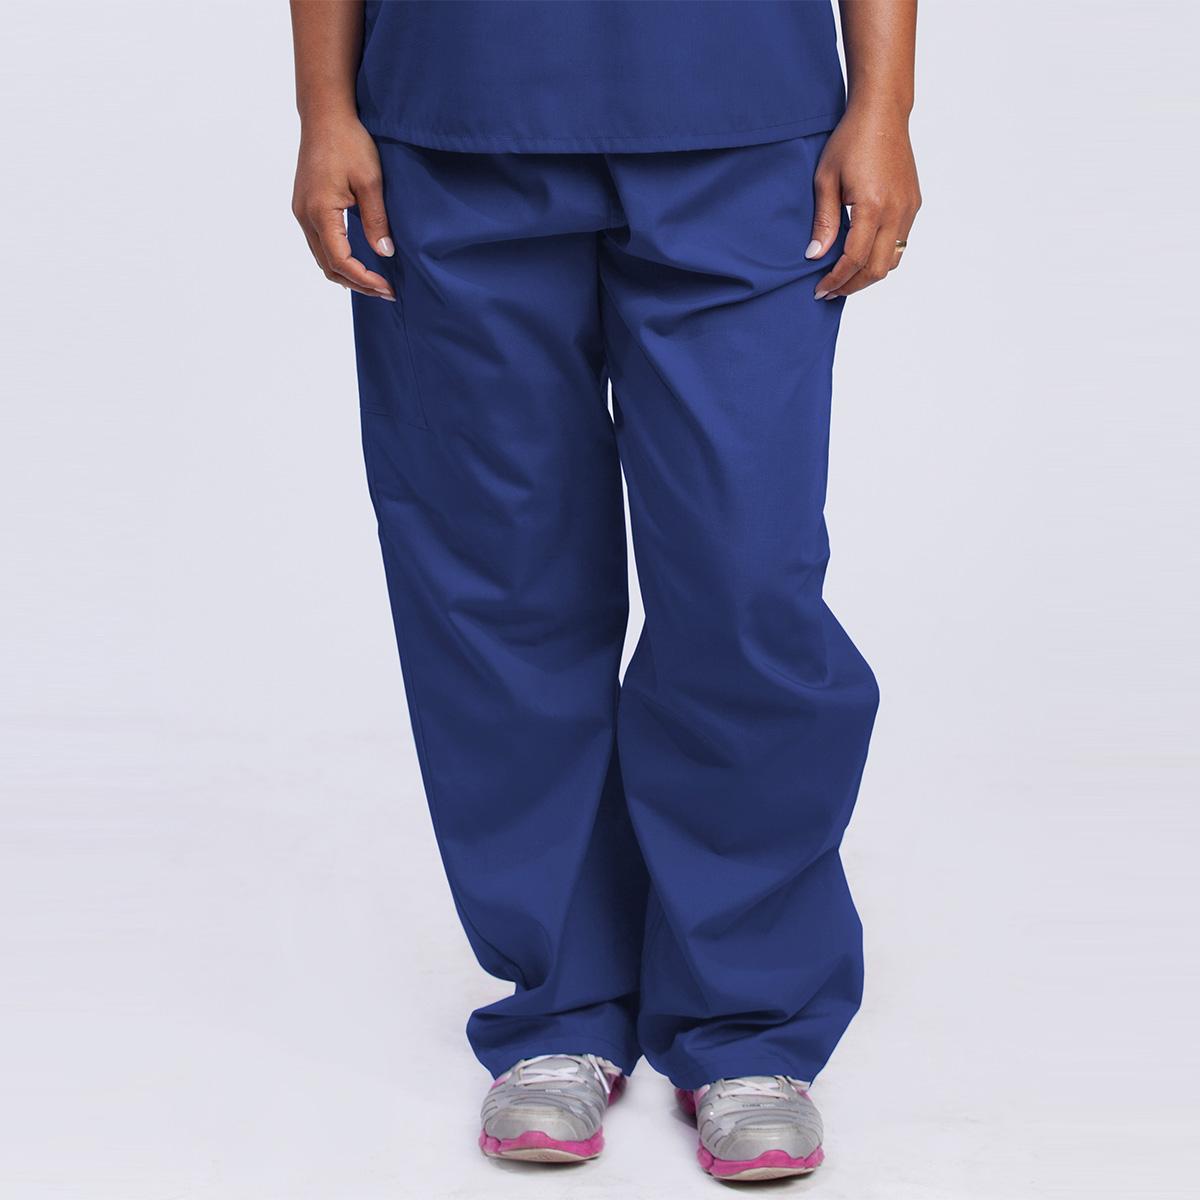 Reversible-Scrub-Womens-pants-royal-front